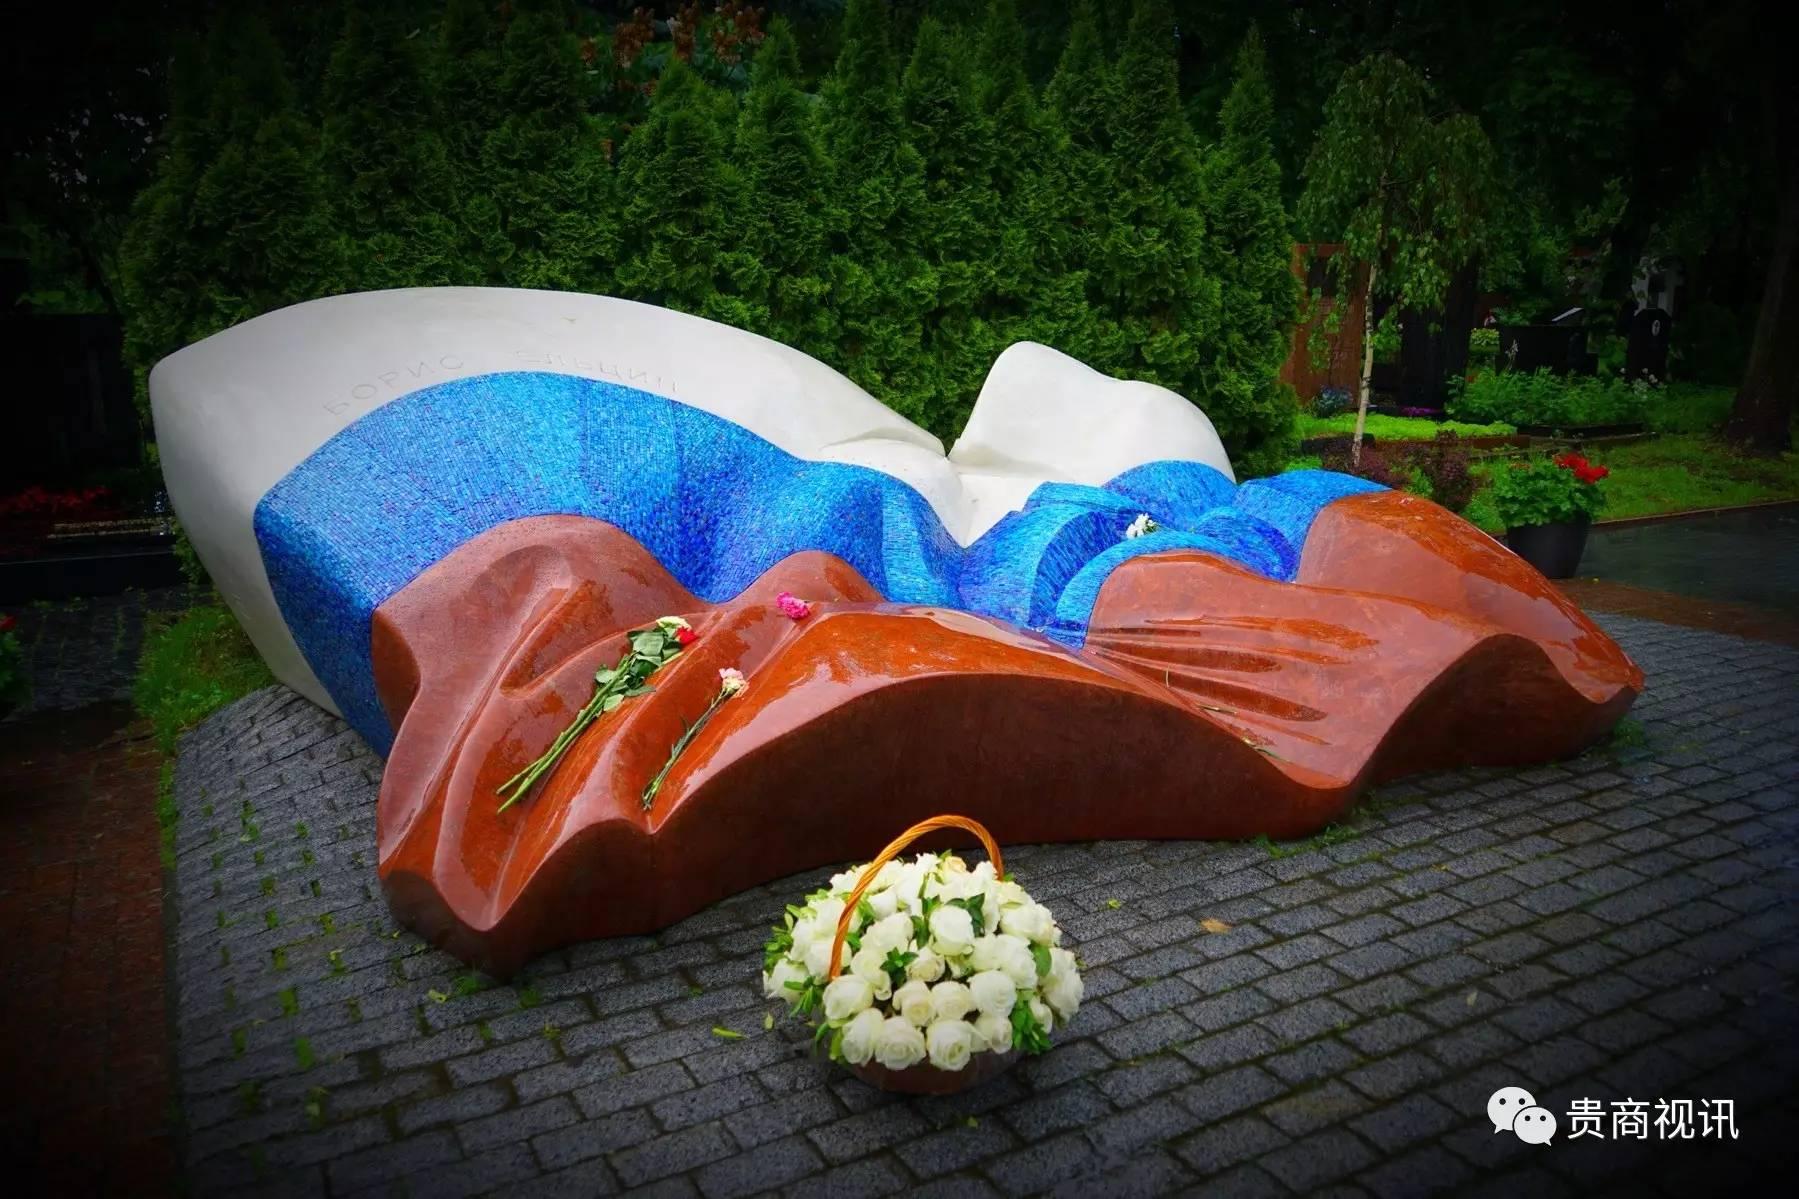 叶利钦墓  记忆最深刻的是叶利钦的墓碑,是用白色、蓝色和红色的石头砌成的俄罗斯国旗颜色,这也表明了他在俄罗斯历史上的地位,也是国家给予他最高的荣誉。叶利钦―俄罗斯的第一任总统,共产主义的掘墓人。  俄罗斯国旗的含义:白色:真理和正义;蓝色:海洋和自由;红色:改革需付出的鲜血和生命的代价。